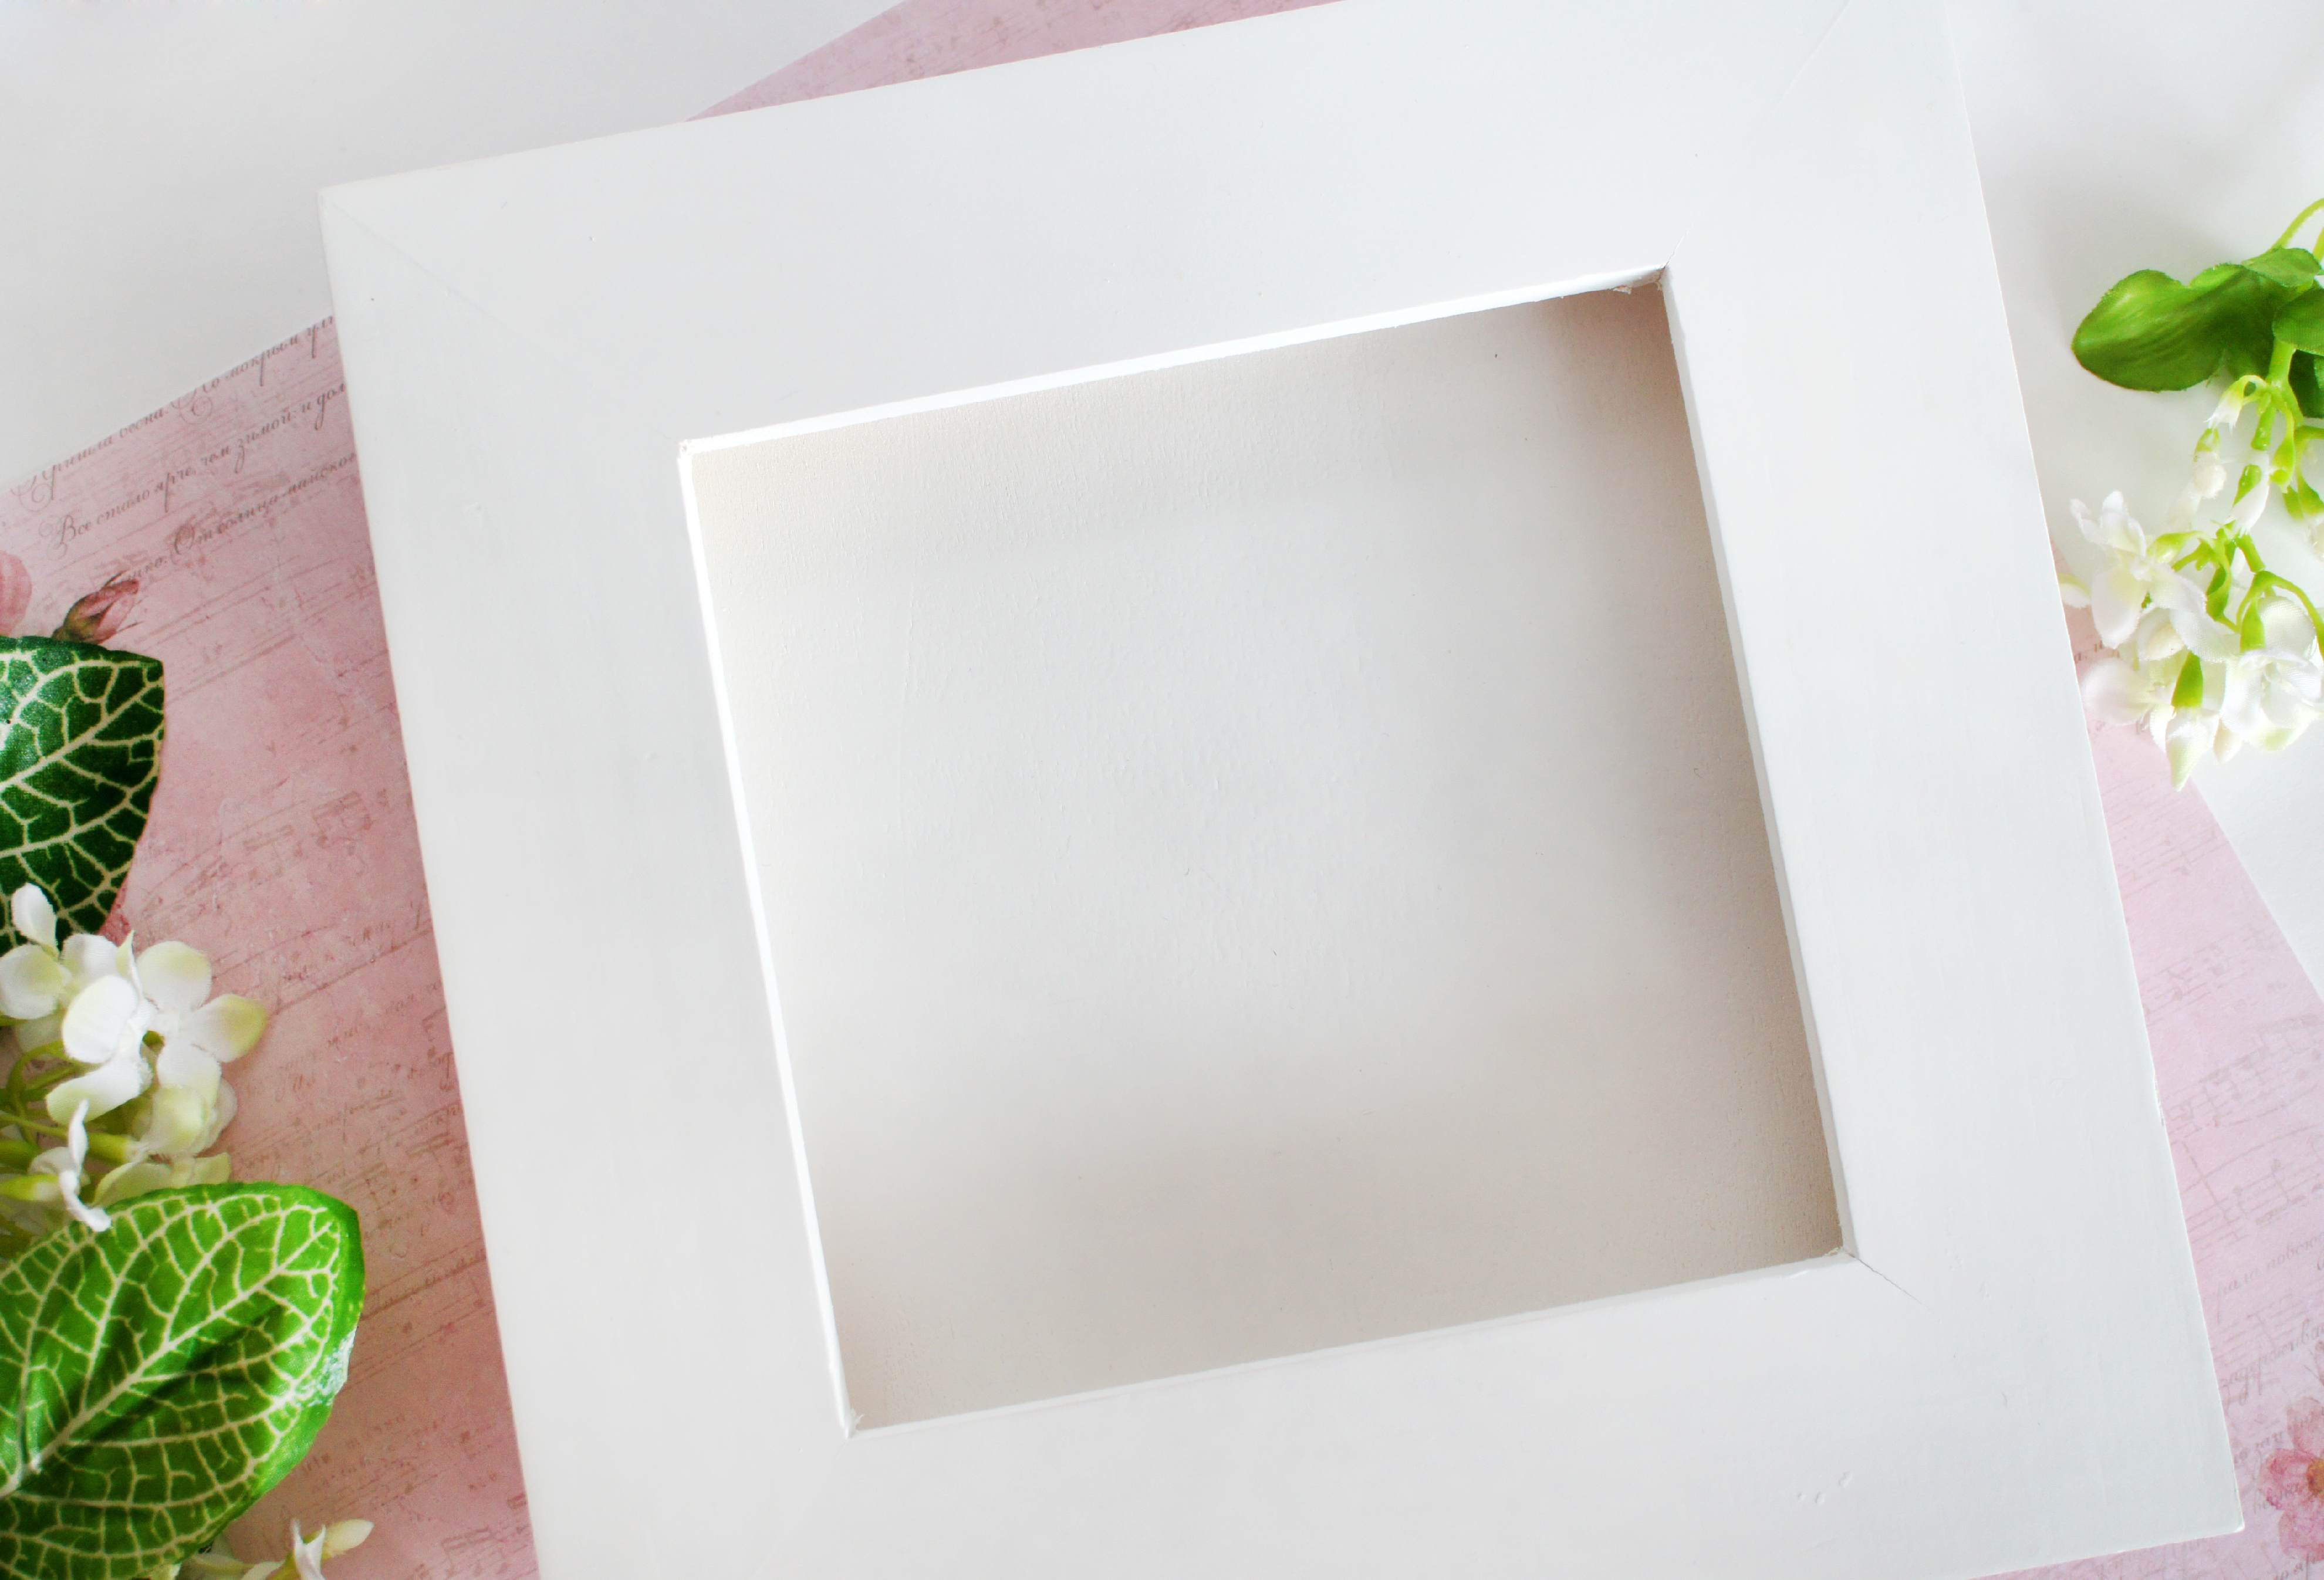 Как сделать объемные рамки на фото